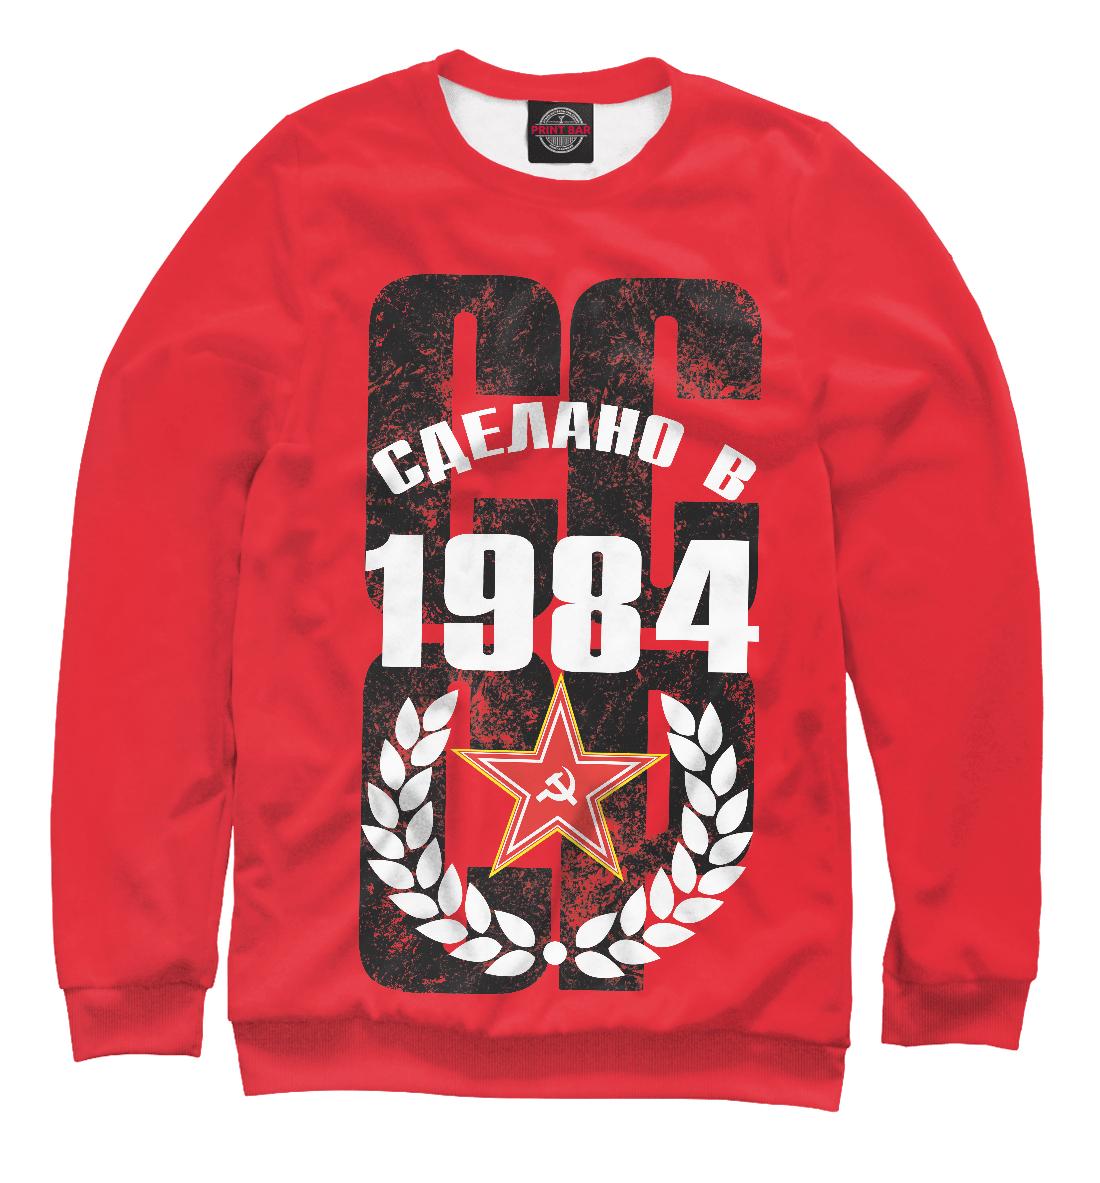 Купить Сделано в СССР 1984, Printbar, Свитшоты, DVC-152807-swi-2